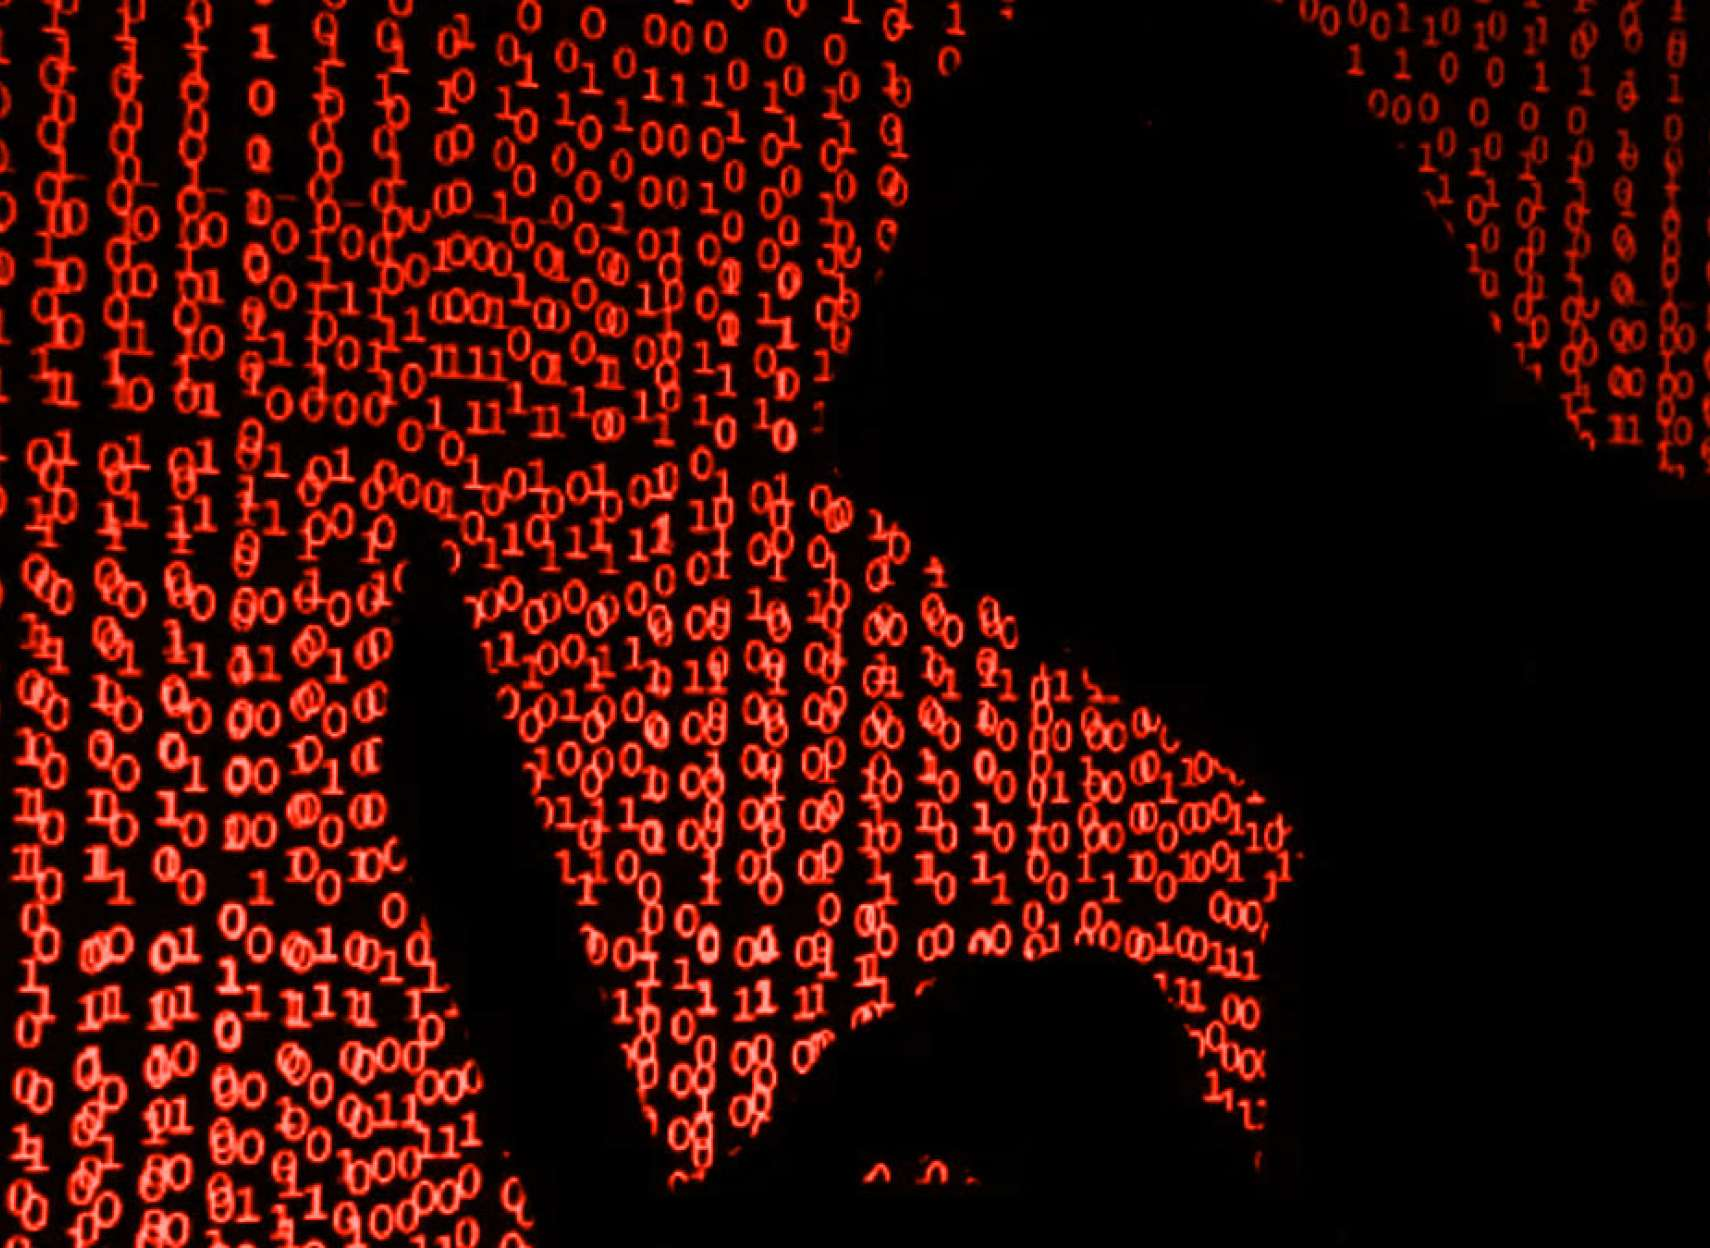 اخبار-کانادا-حمله-هکرها-به-پرستاران-انتاریو-و-باج-گیری-از-آنها-و-فعالیت-هکرها-روی-حساب-های-کانادایی-ها-در-اداره-مالیات